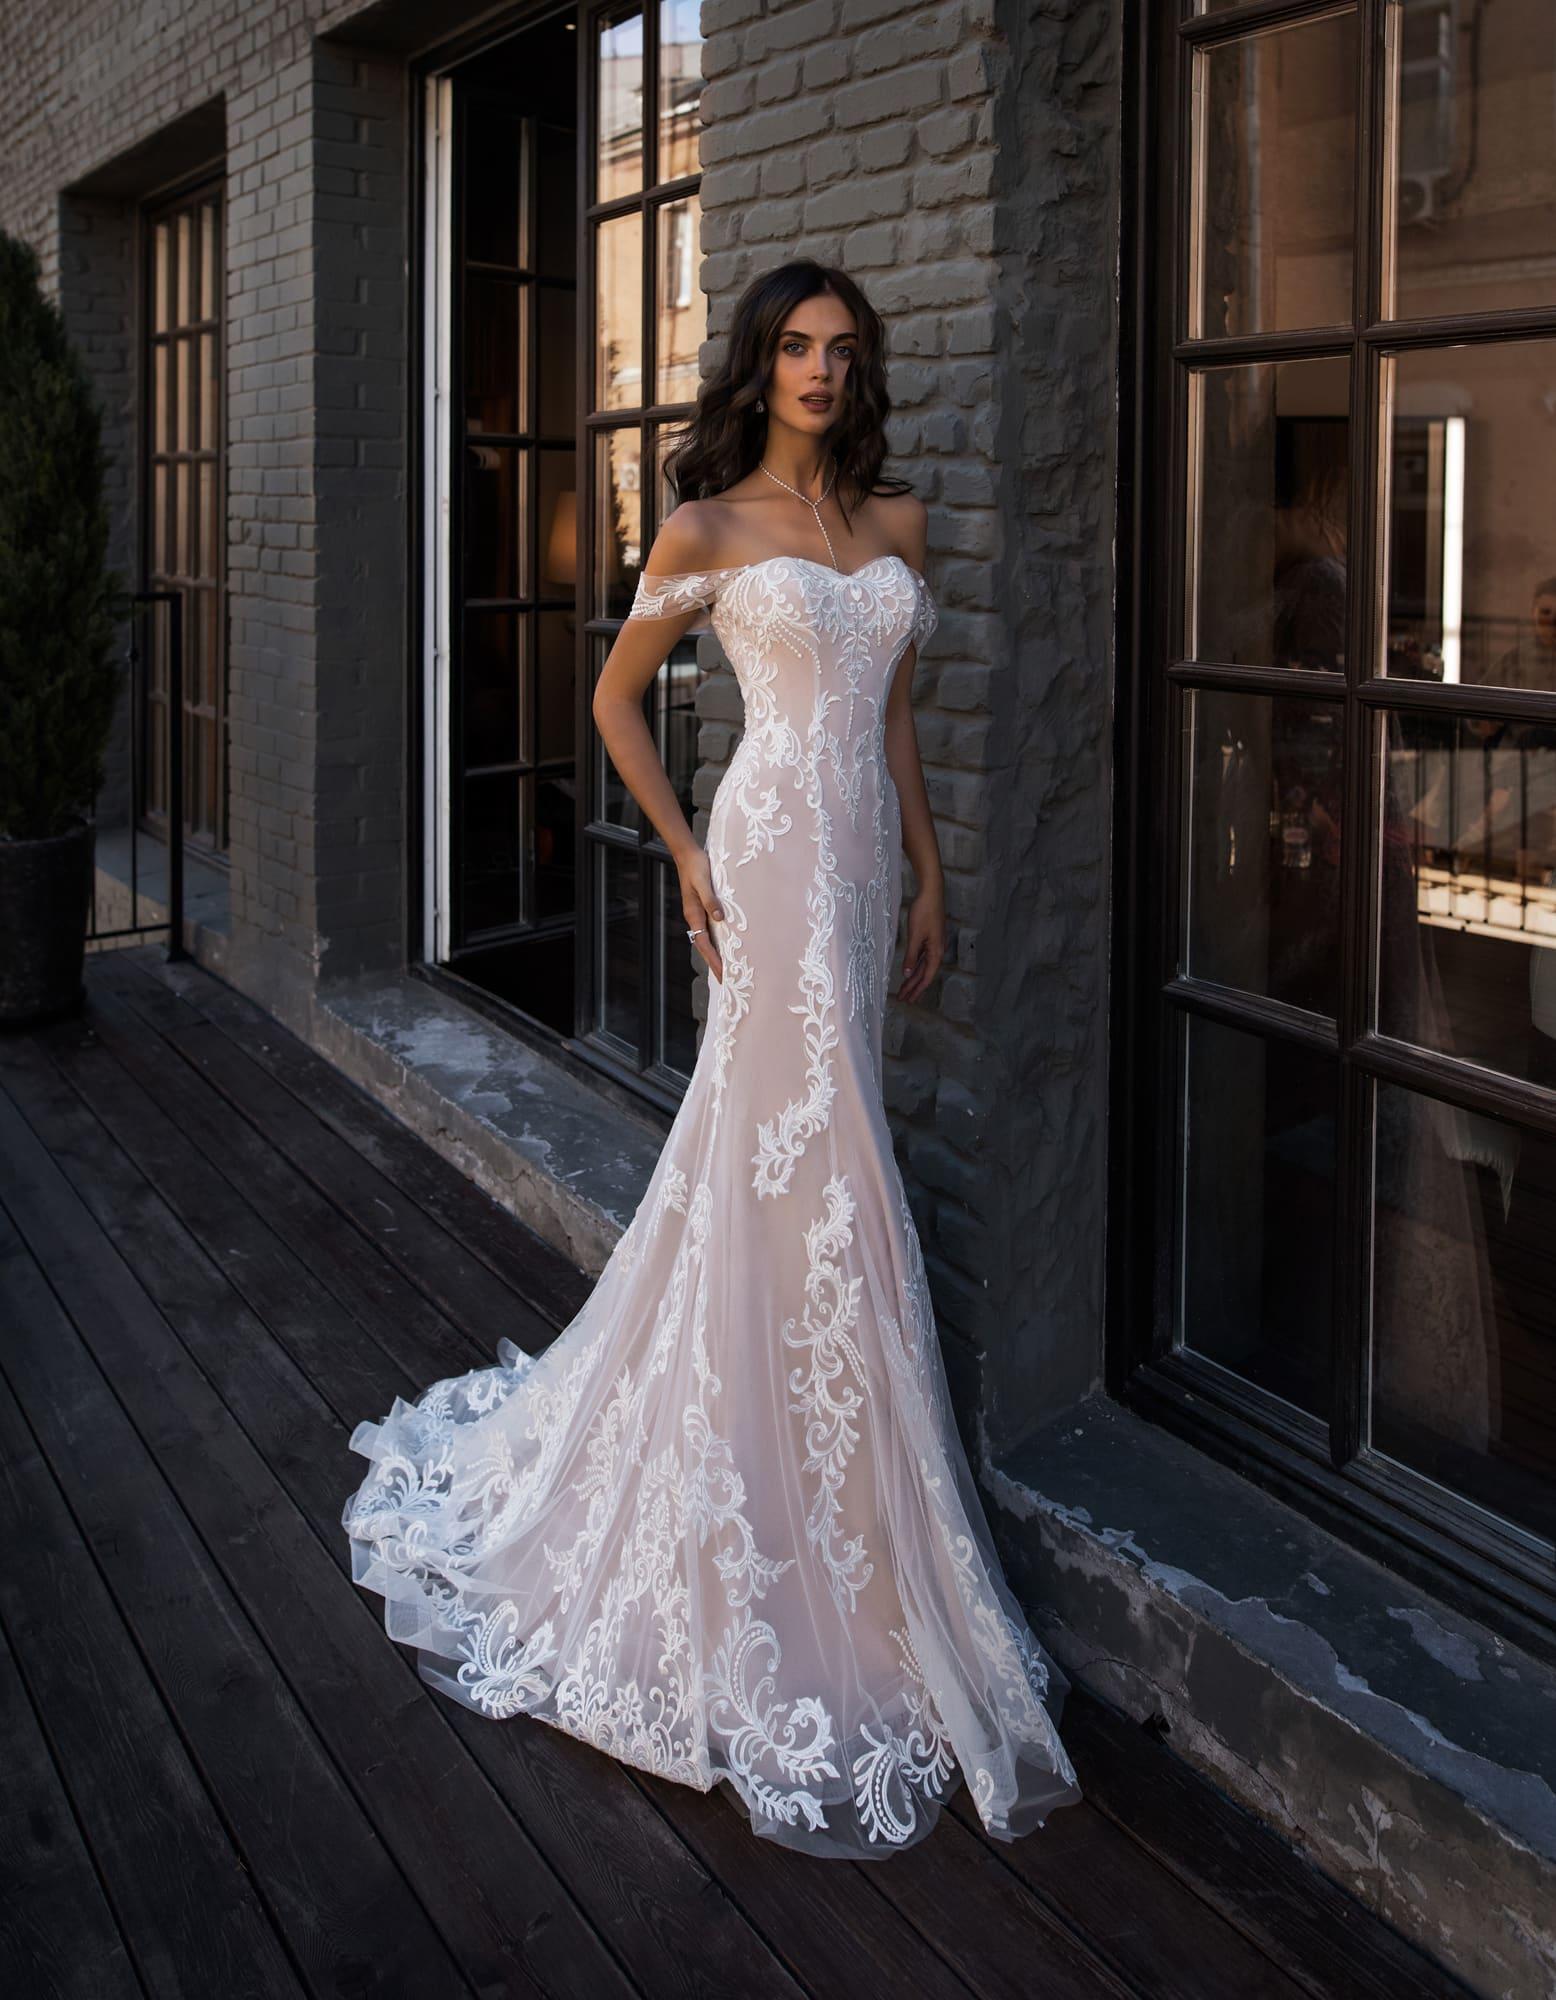 купить свадебное платье в луганске